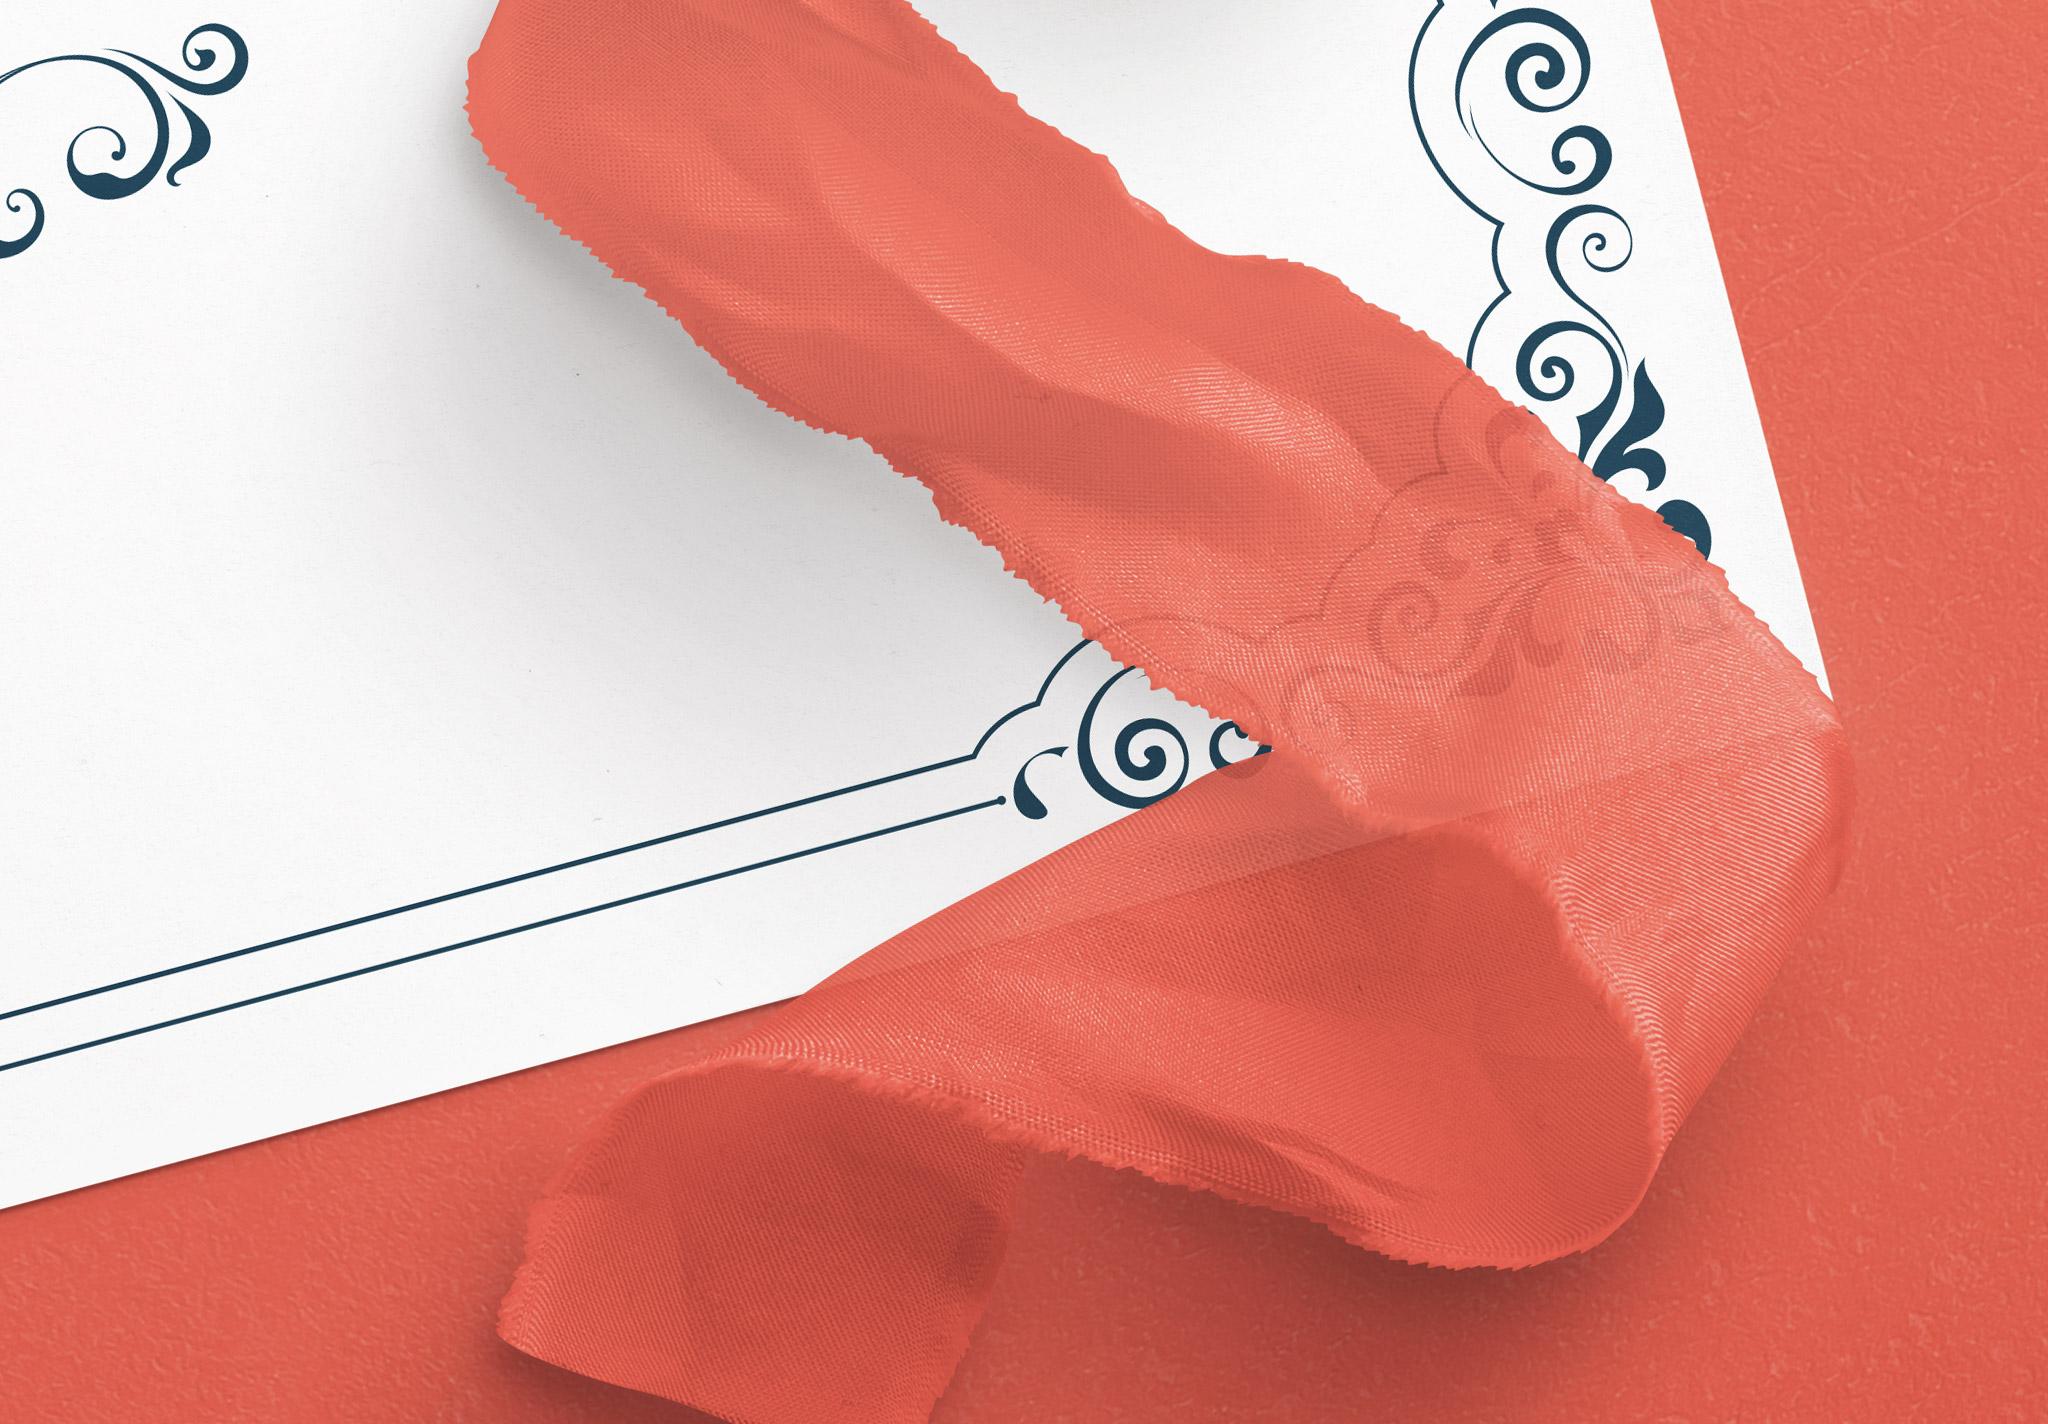 Card With Ribbons Mockup 4 image04